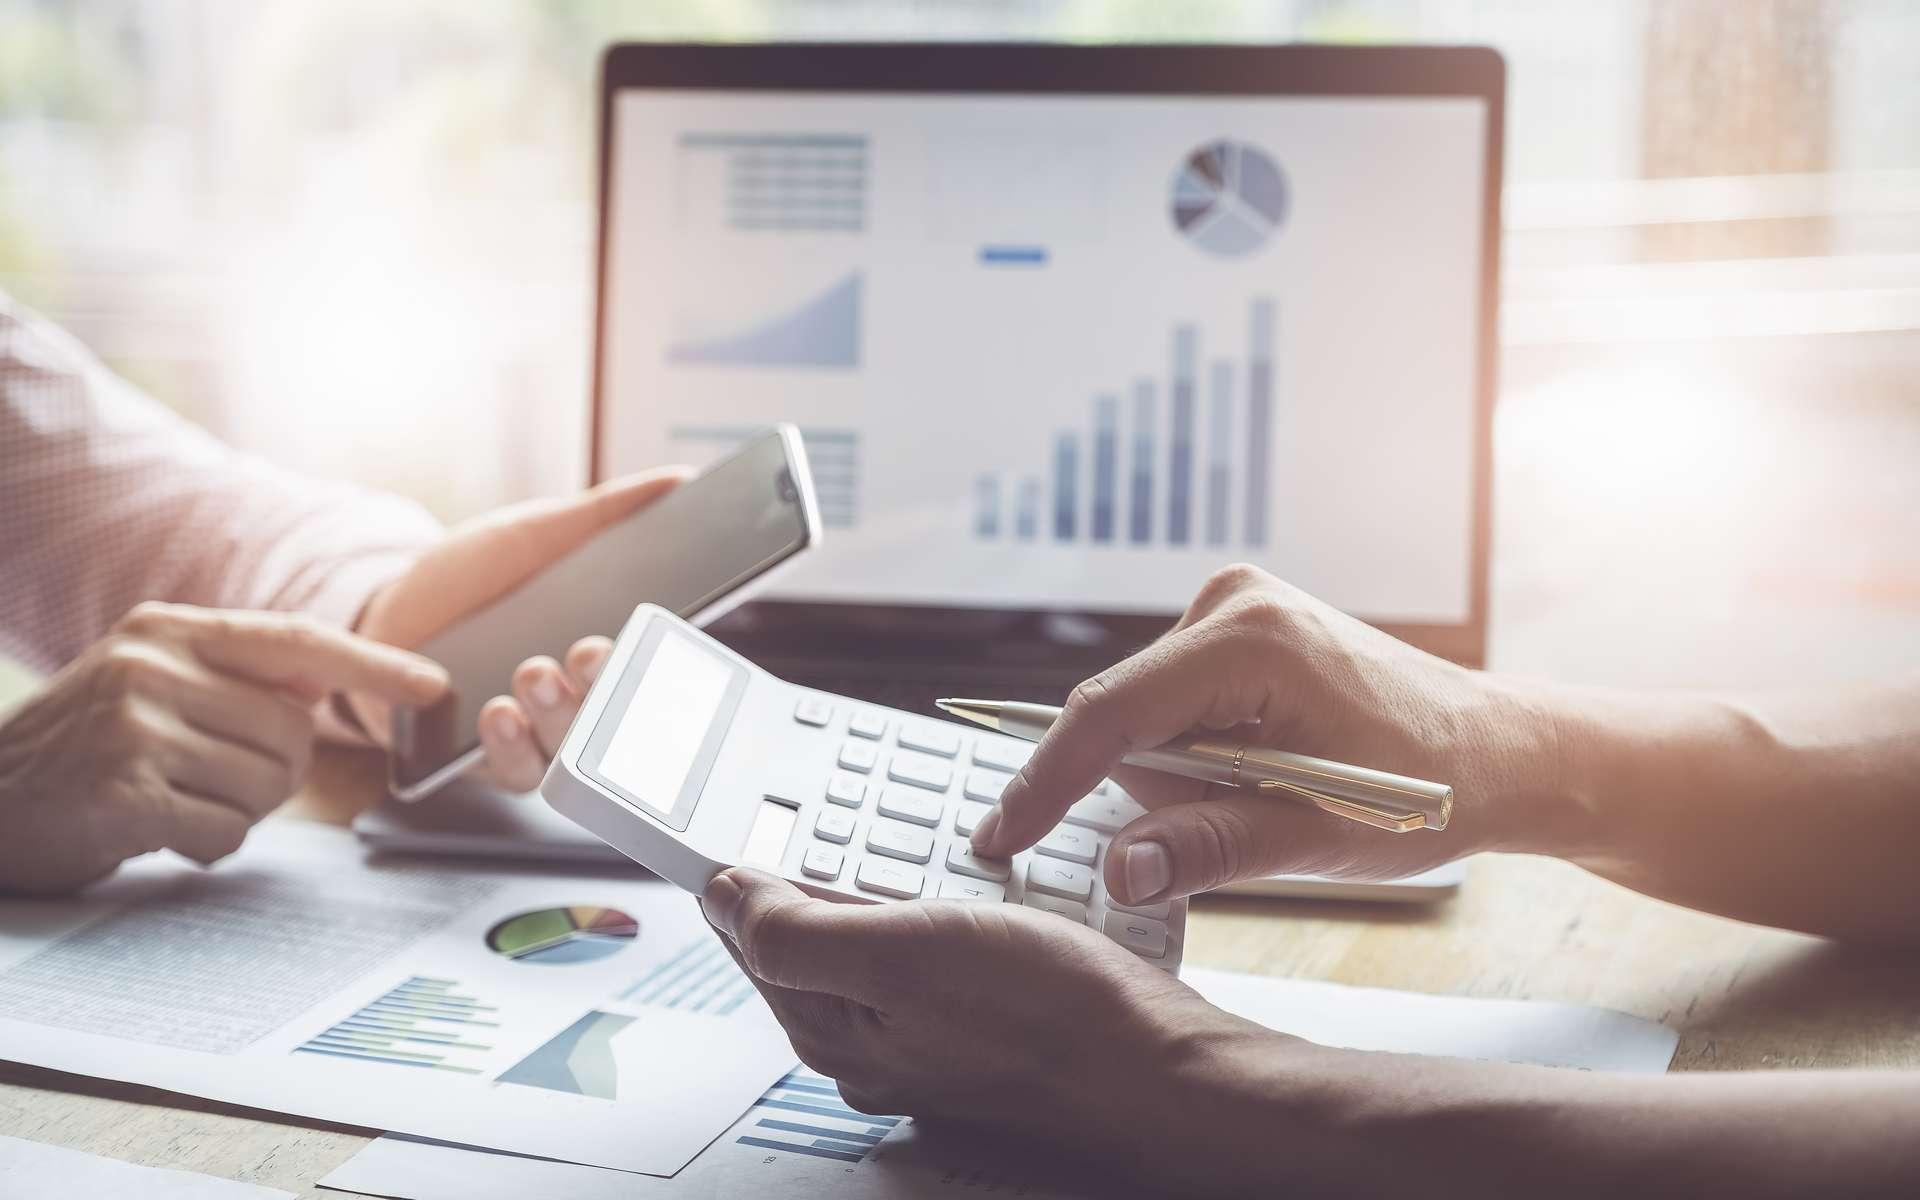 La vente en réméré est une option simple et efficace pour sauvegarder, ou bien développer son patrimoine ou son entreprise en soldant ses dettes © Jirapong, Adobe Stock